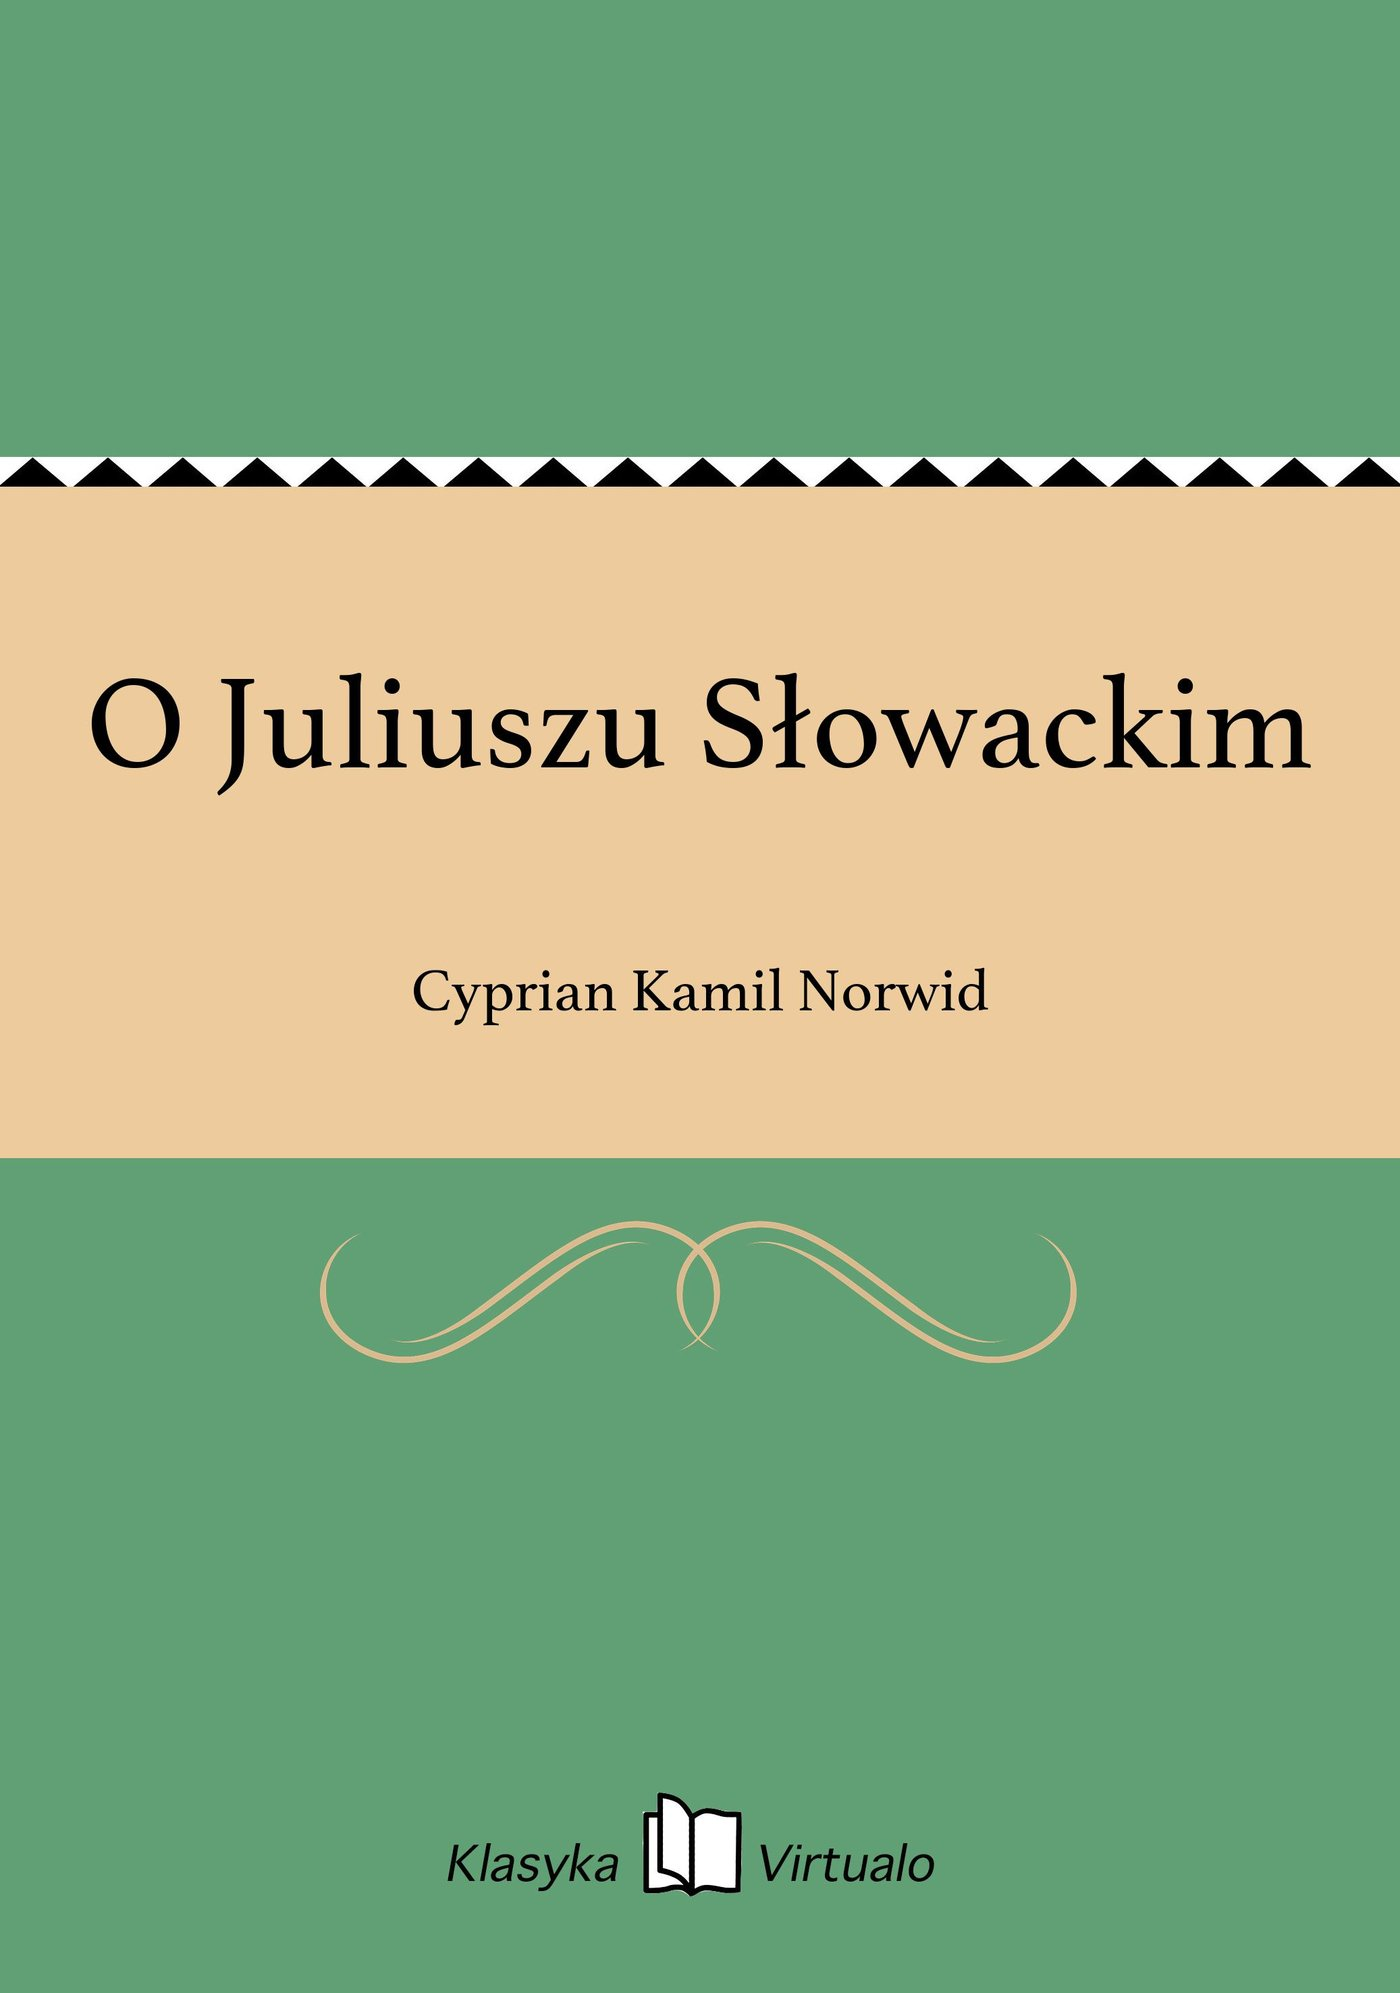 O Juliuszu Słowackim - Ebook (Książka EPUB) do pobrania w formacie EPUB